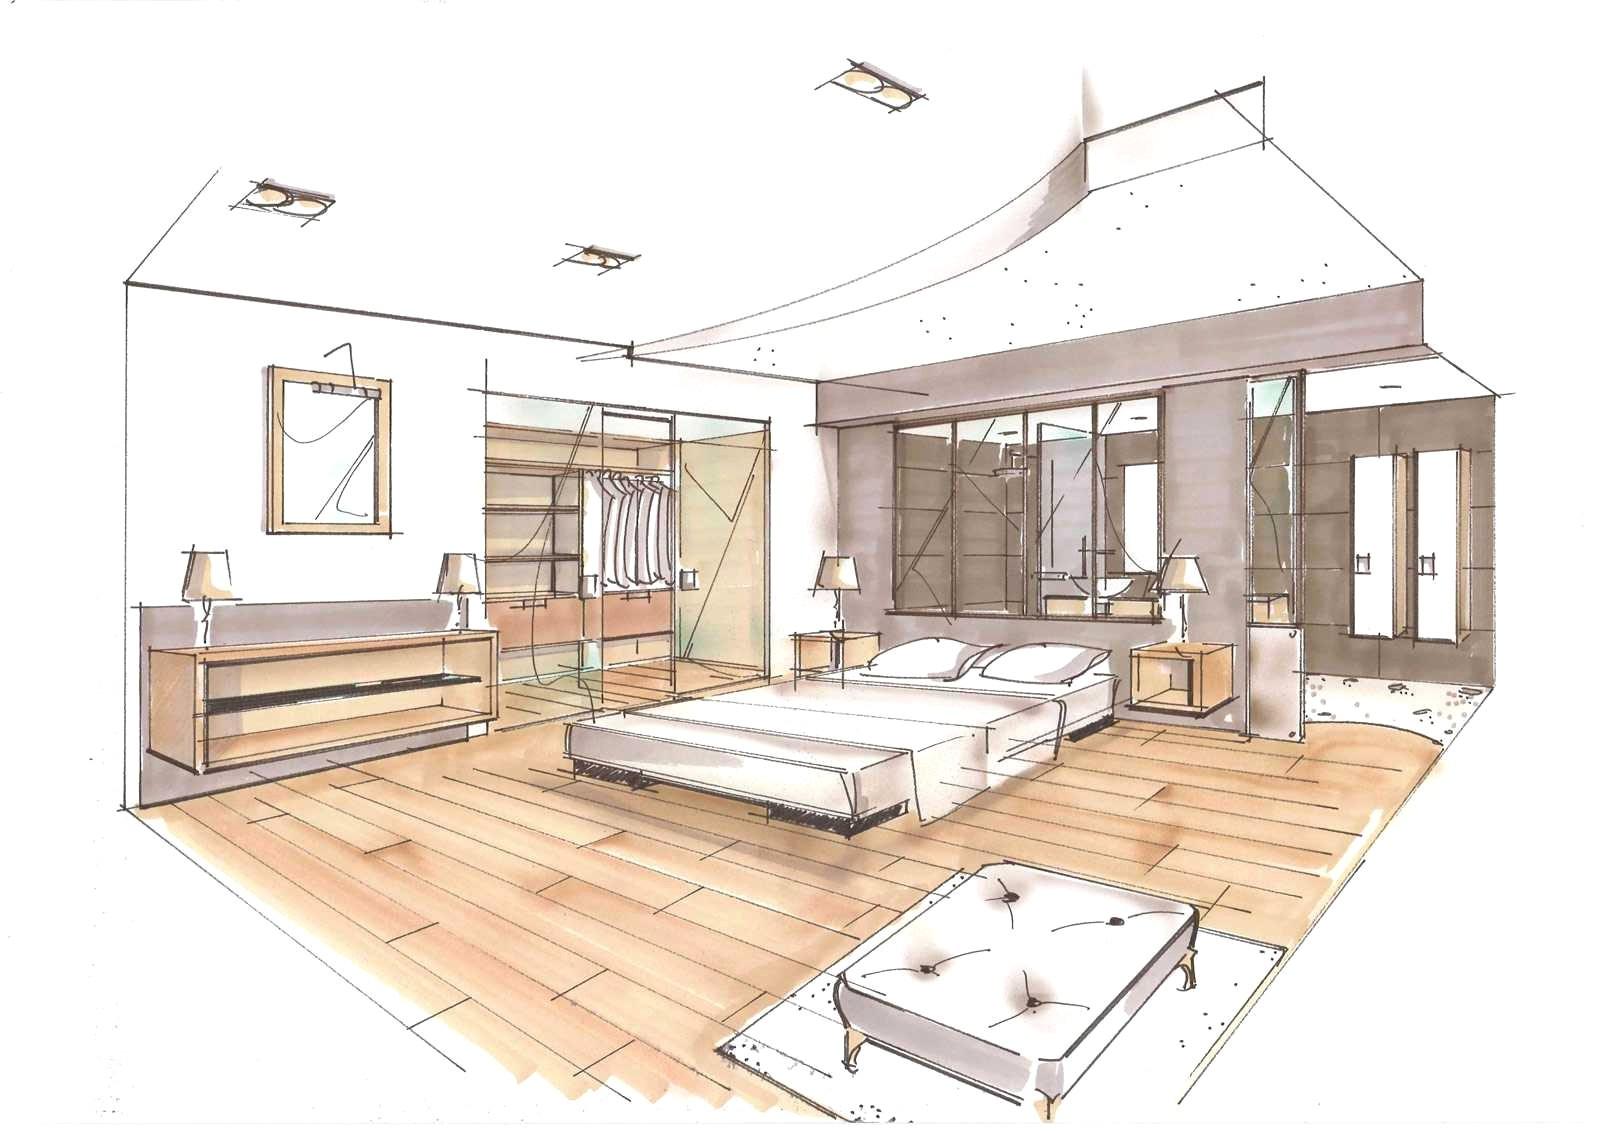 Suite Parentale Avec Salle De Bain Et Dressing Plan Unique Galerie Suite Parentale Avec Salle De Bain Et Dressing 20m2 Adorable Chambre